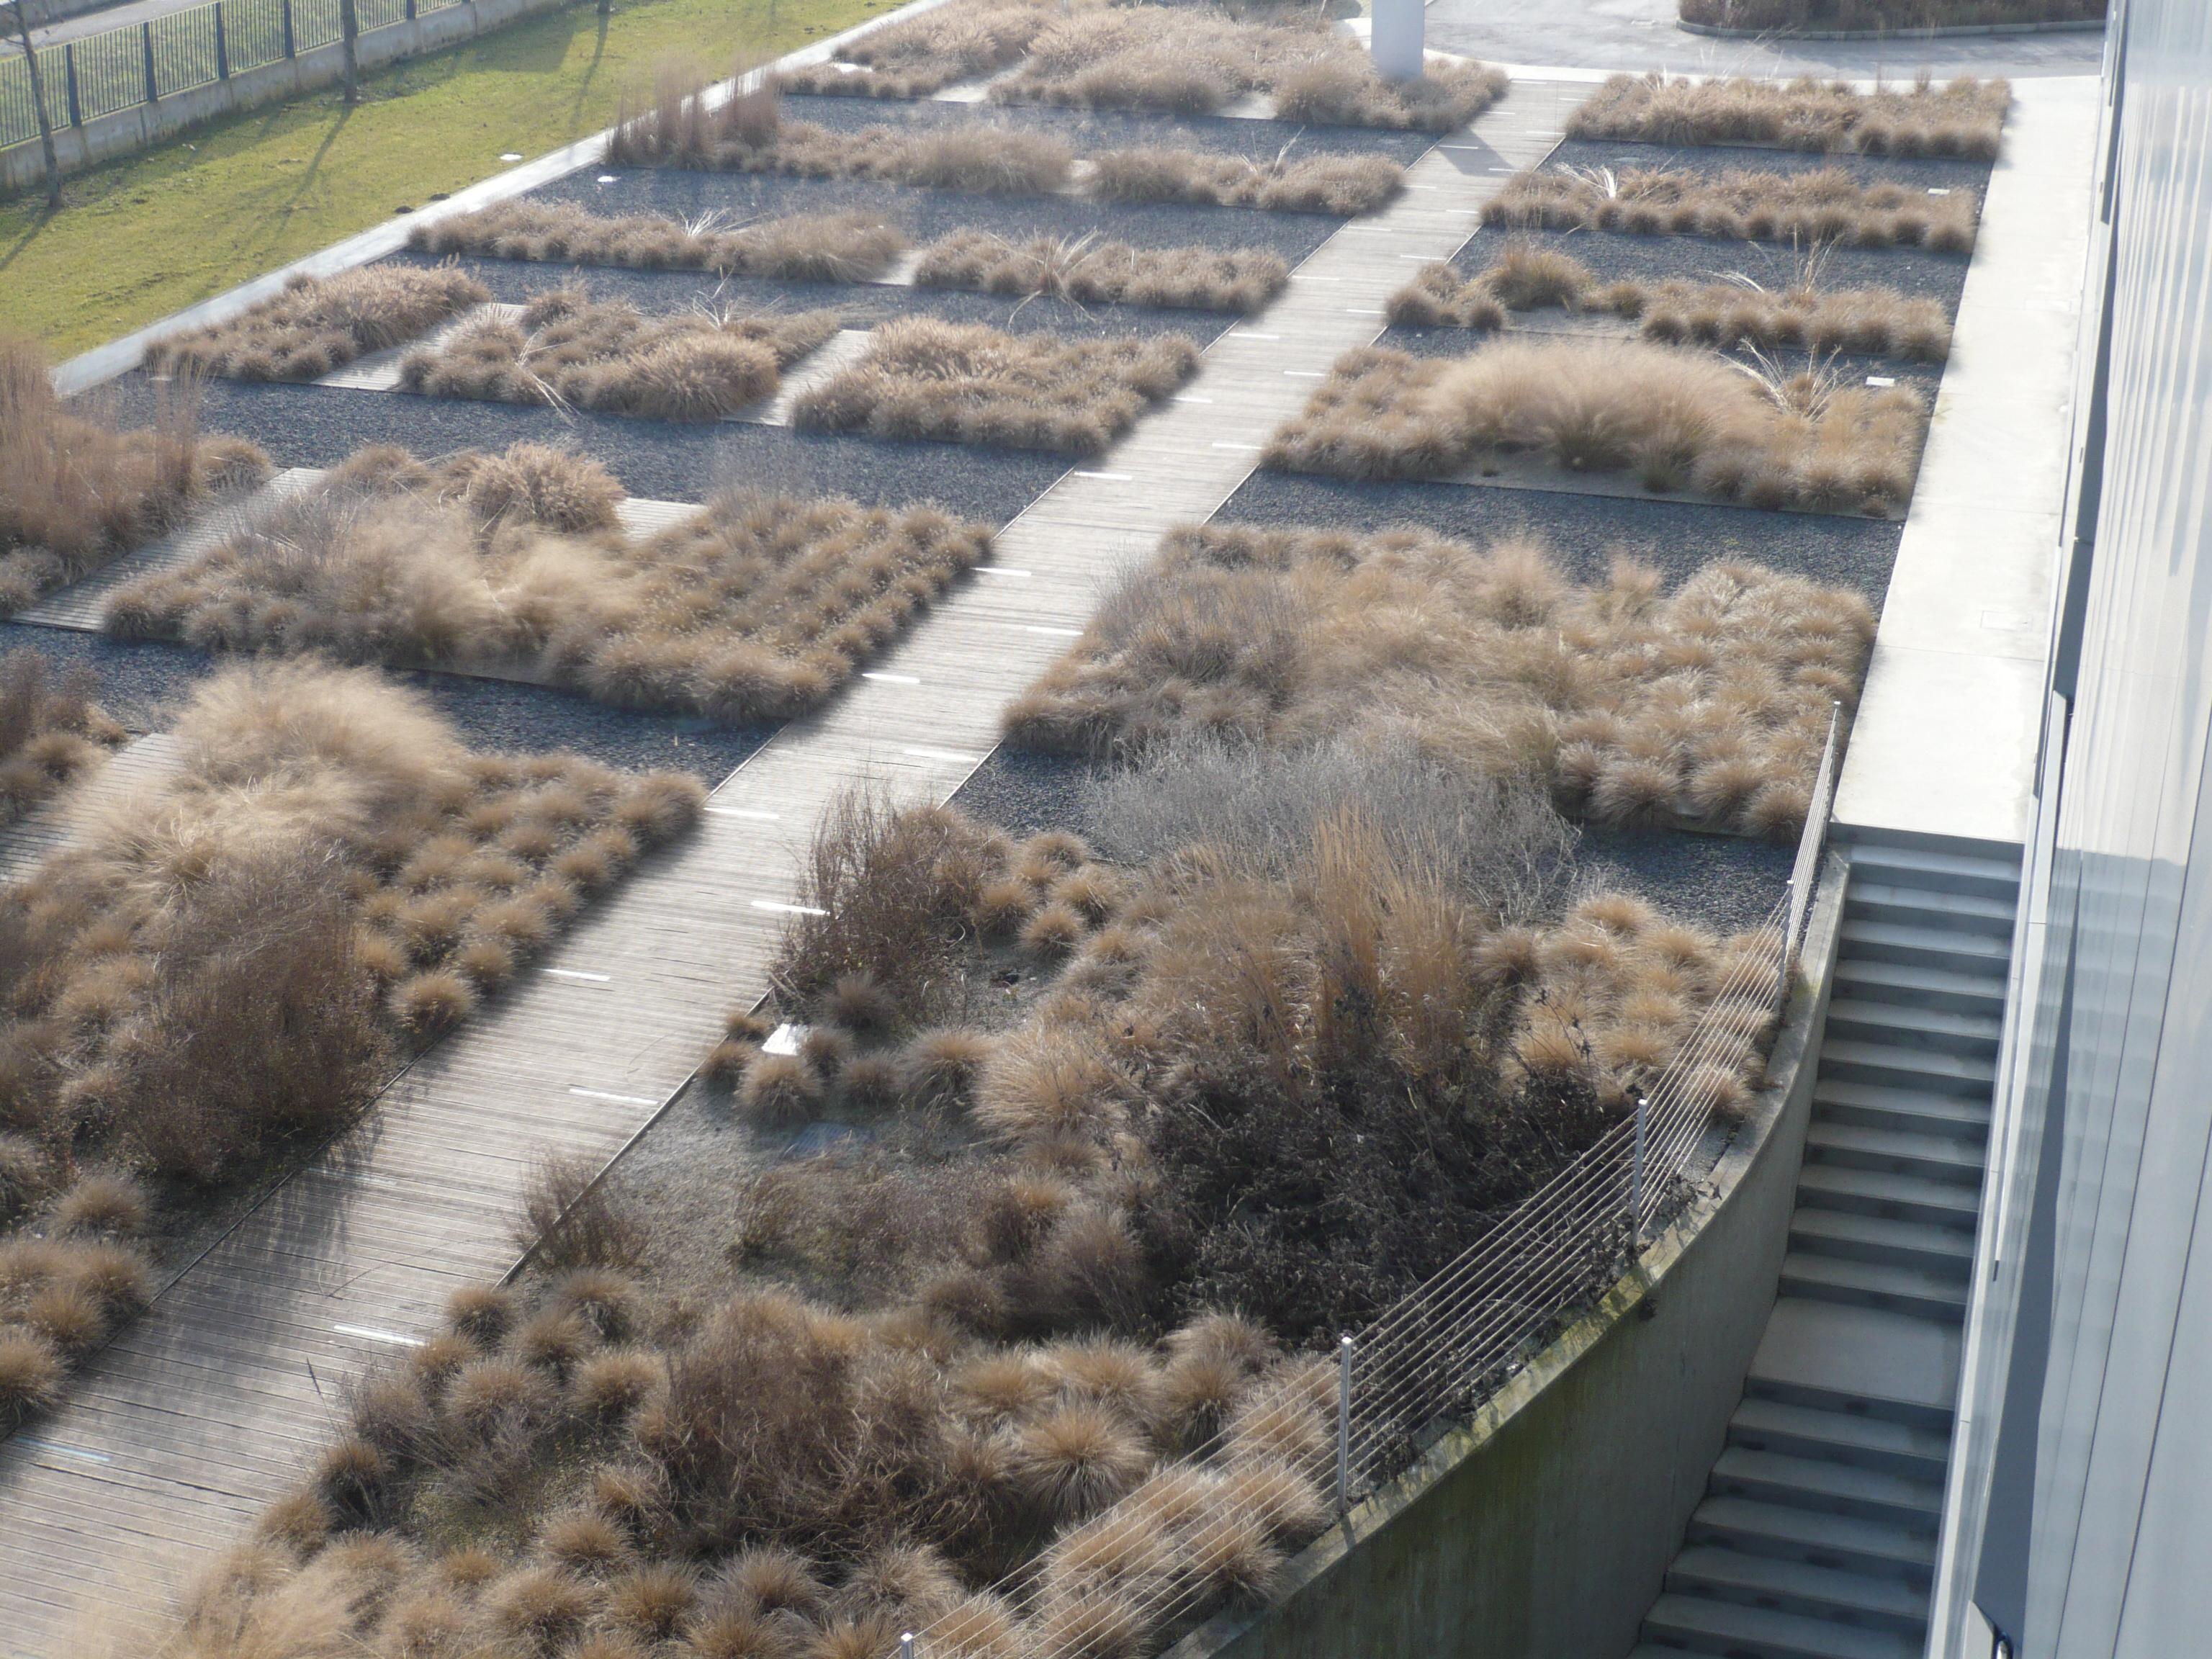 veduta dall'alto della scenografia invernale che disegnano le erbe, nella veste 'rinsecchita' con forme e volumi definiti nelle diversità e colore strutturale.